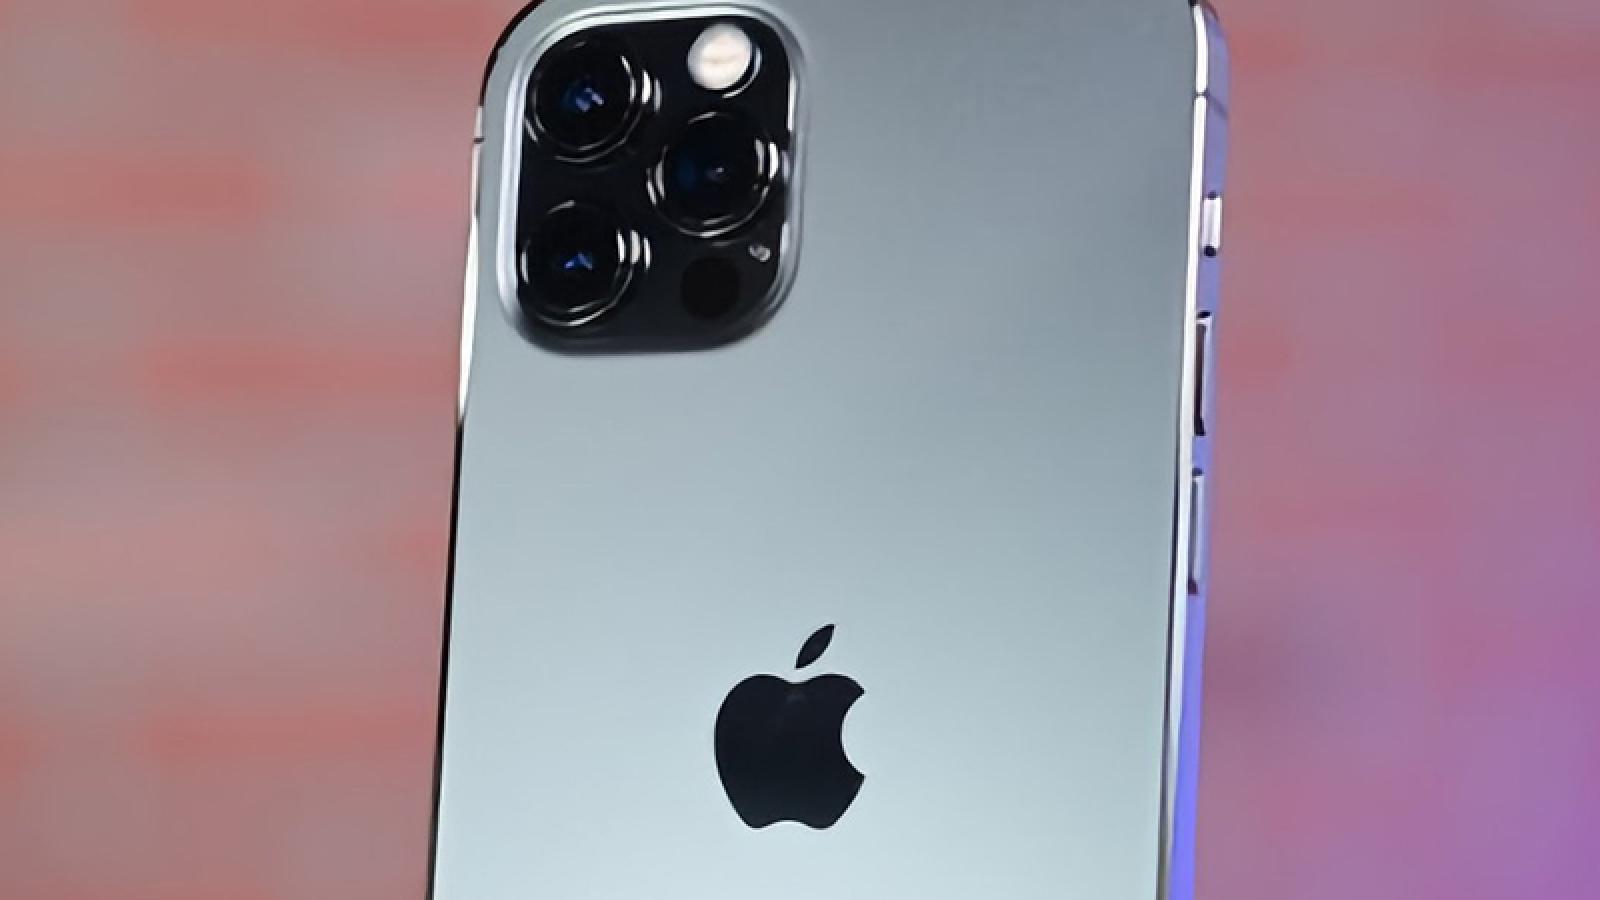 iPhone sắp trở nên sang và xịn hơn nhờ vật liệu cao cấp